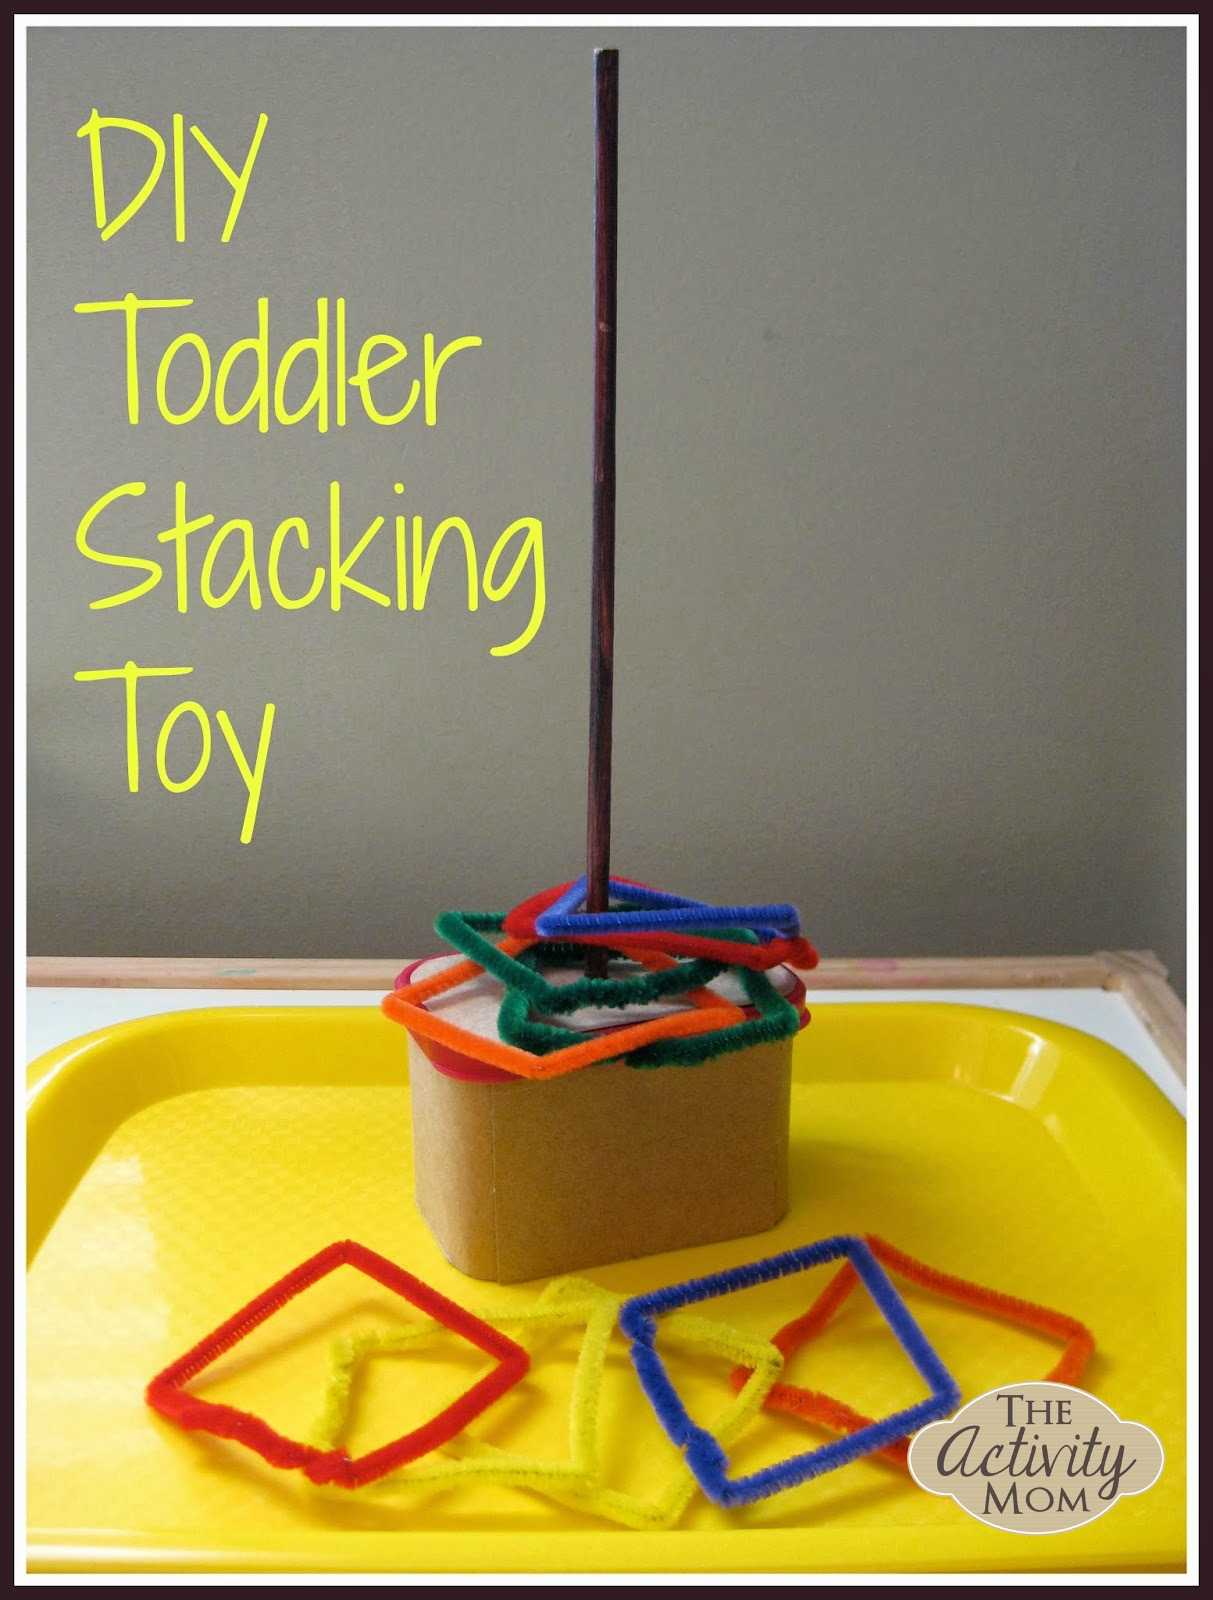 DIY Toddler Stacking Toy